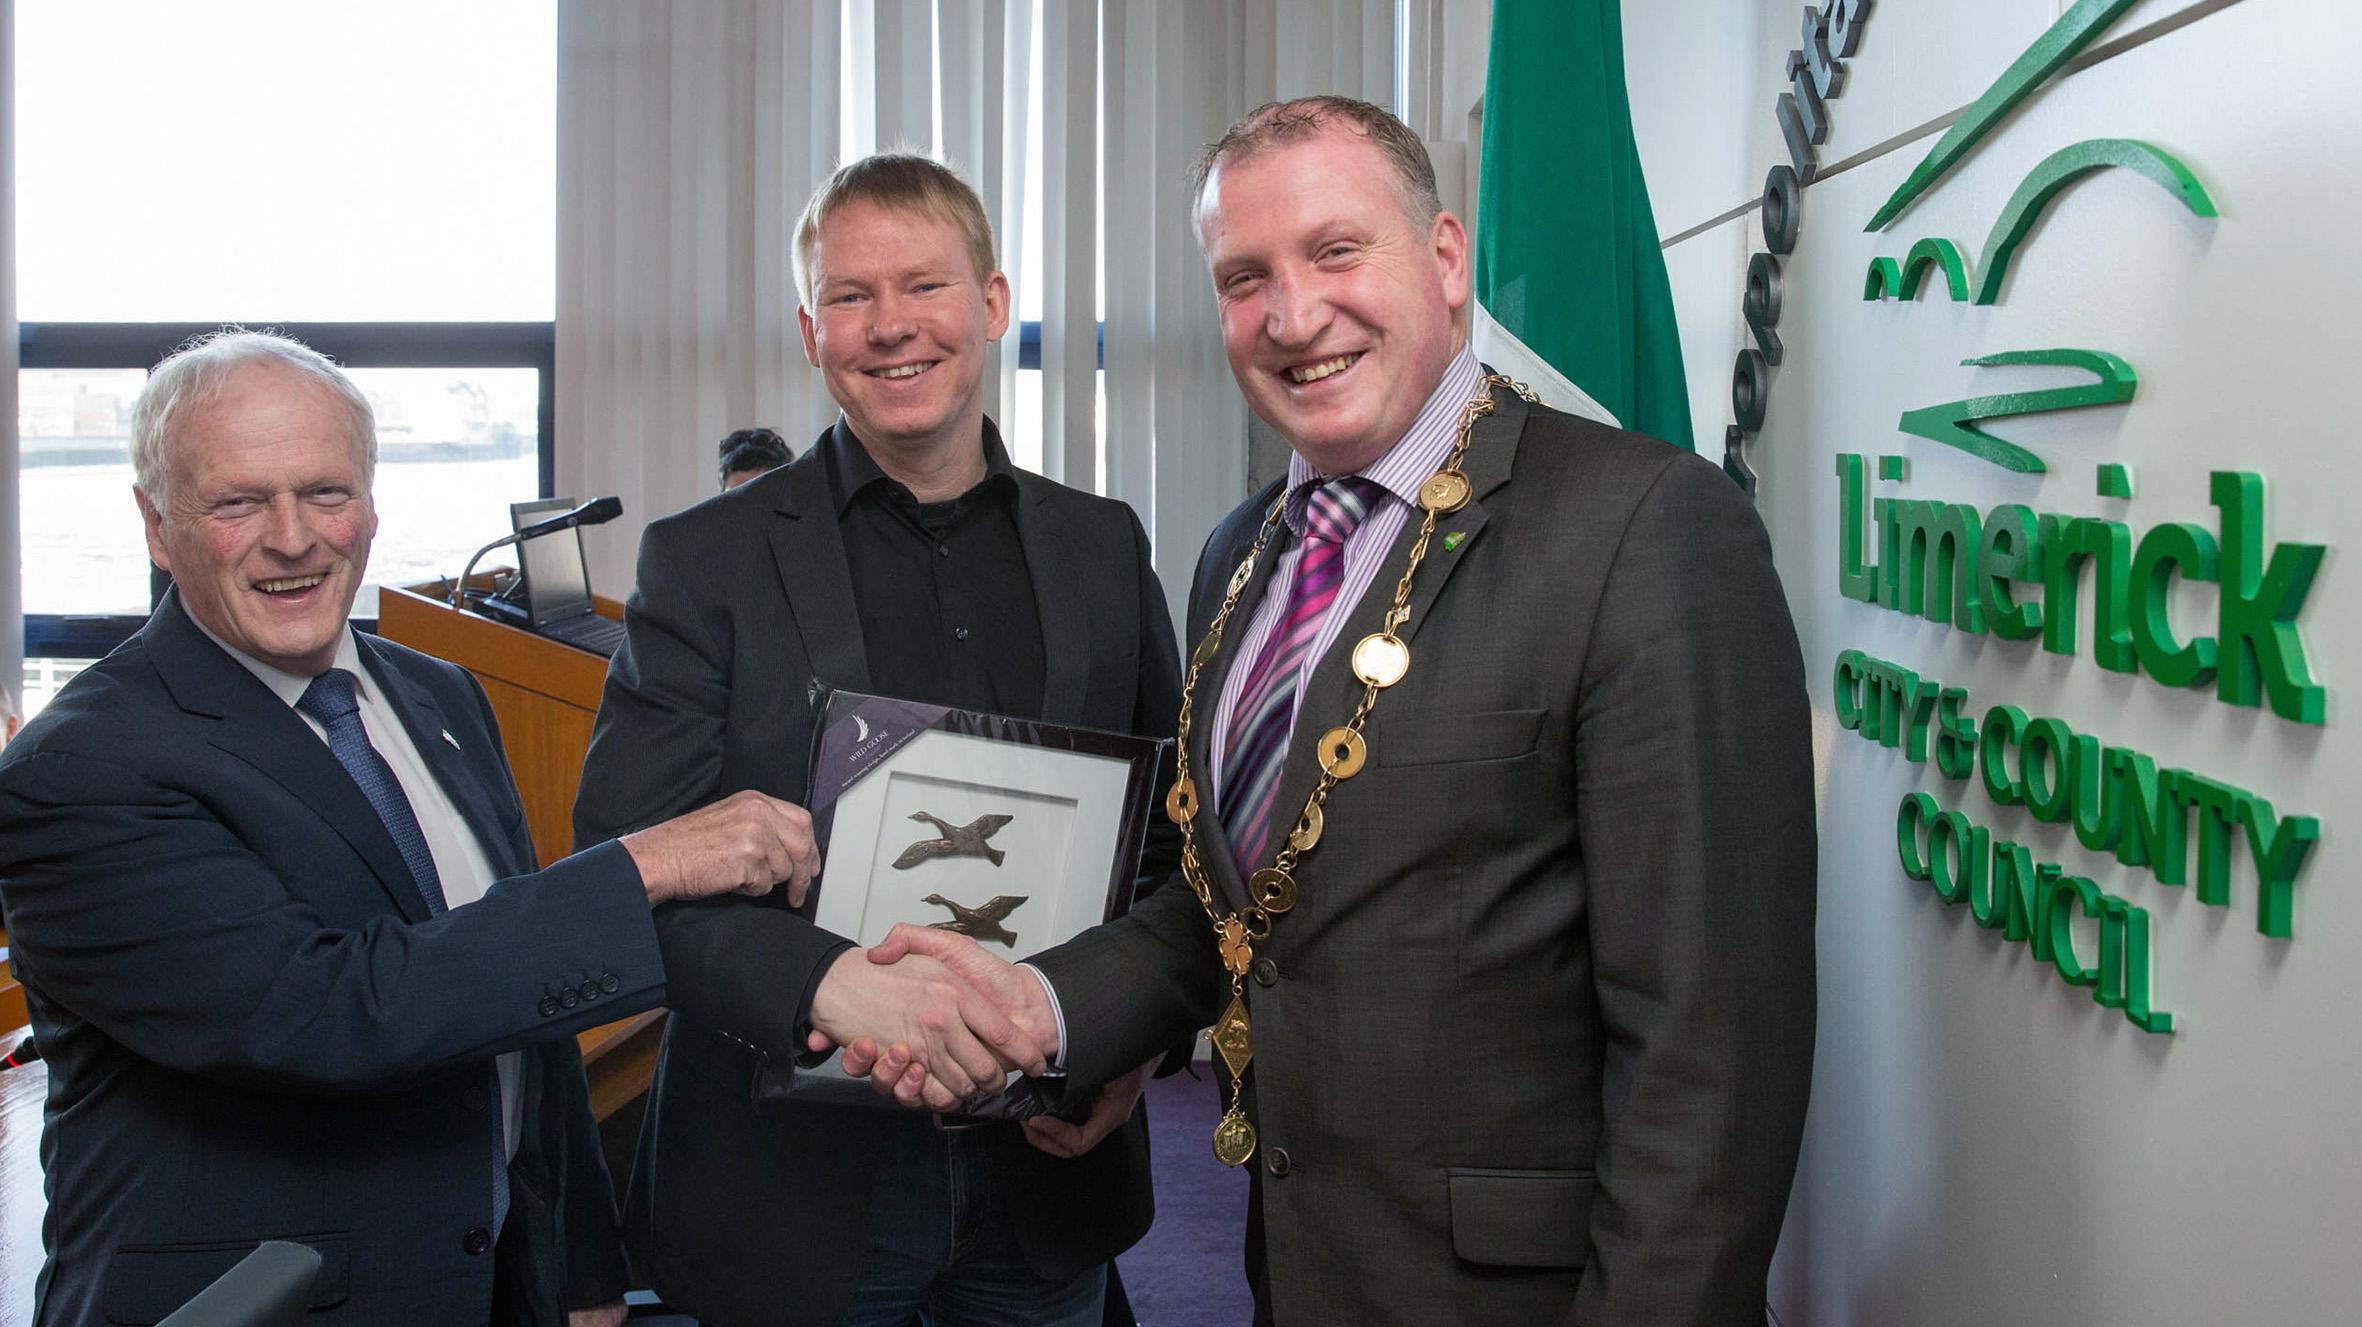 Finnish delegation visited Limerick